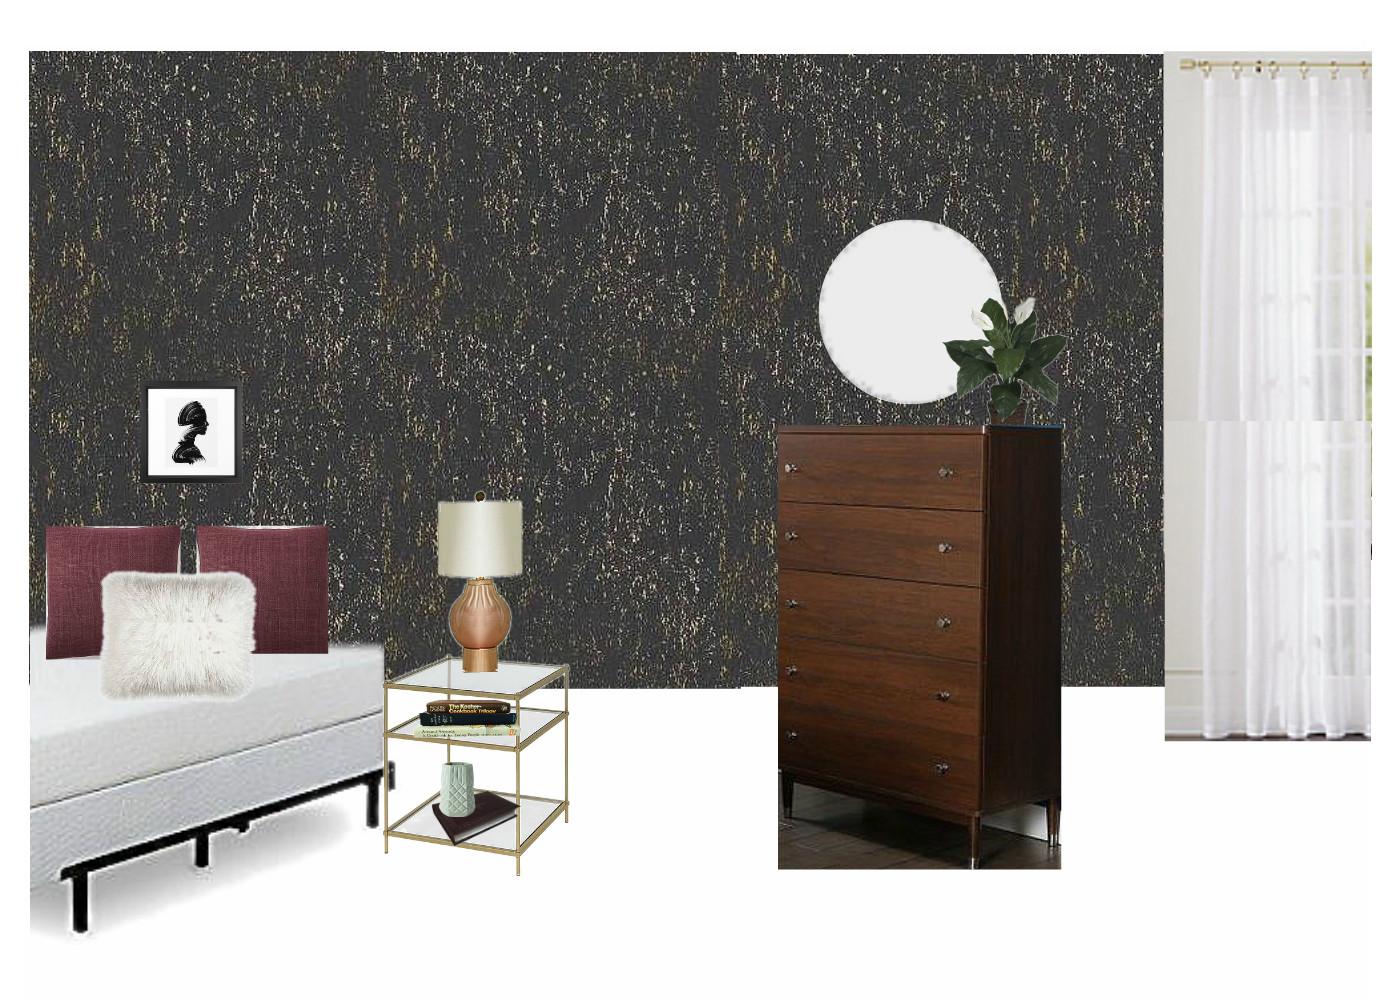 OB-Bedroom 2.jpg